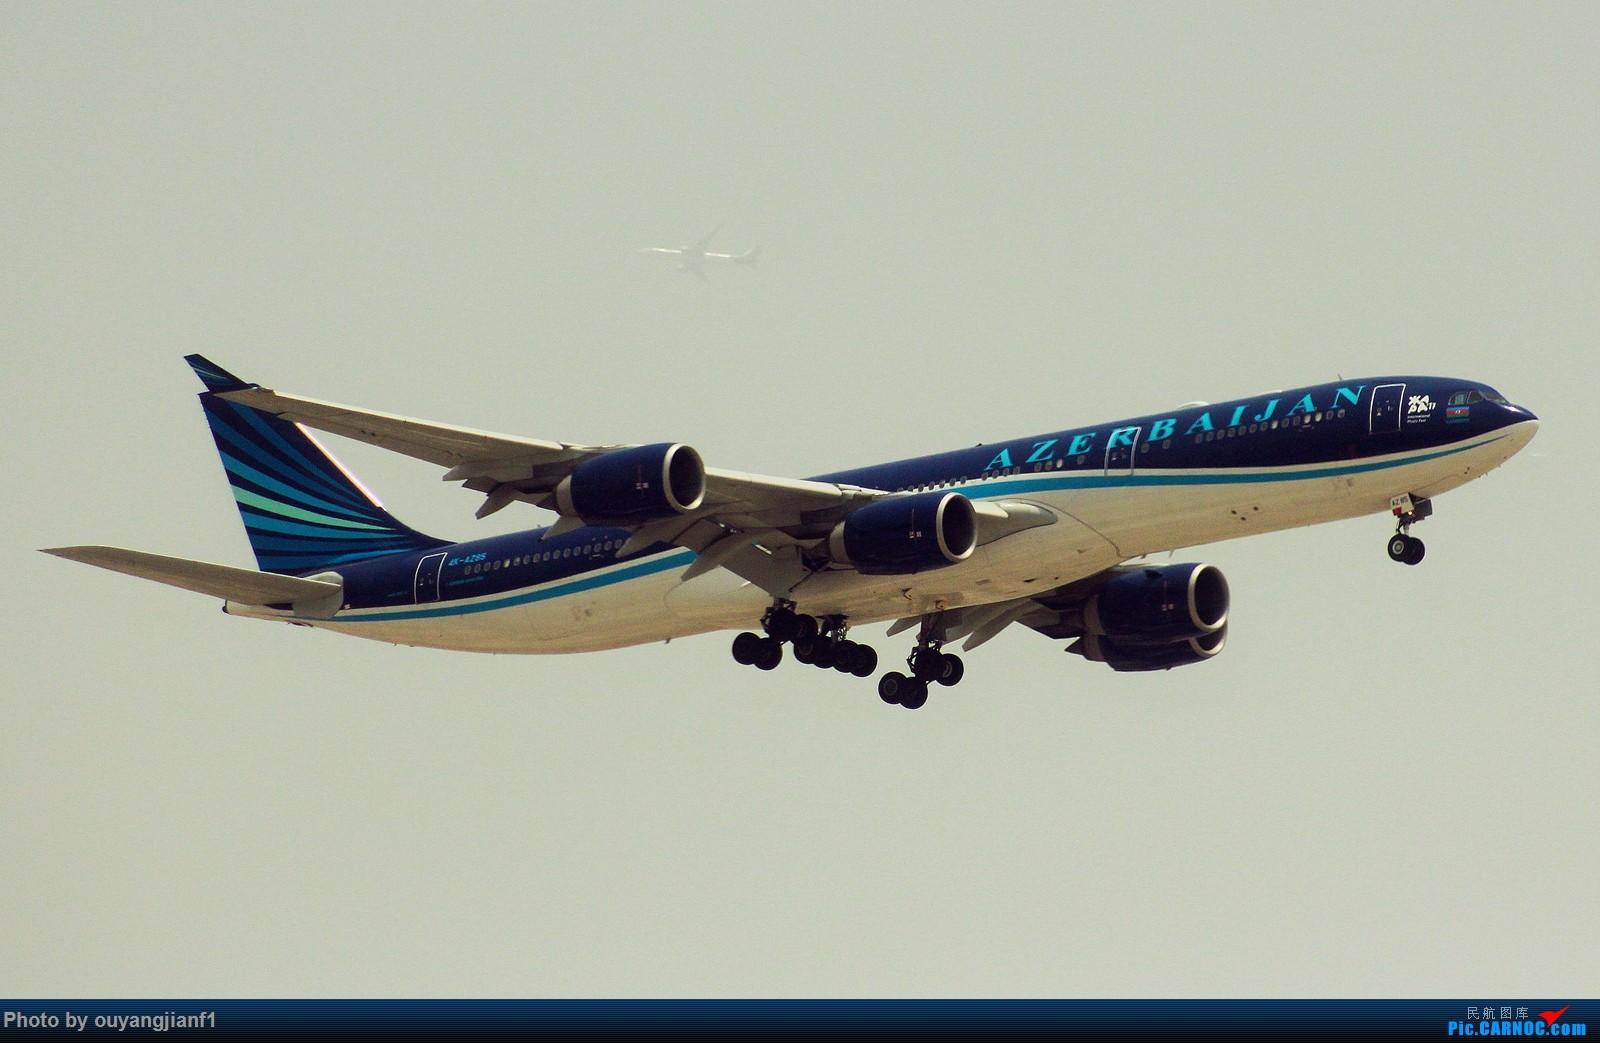 Re:[原创]很多年没有来贴图区了,记一次本不在计划中的迪拜拍机之行,在漫天黄沙中EK的380和777真的看到吐血.... AIRBUS A340-500 4K-AZ85 阿拉伯联合酋长国迪拜国际机场